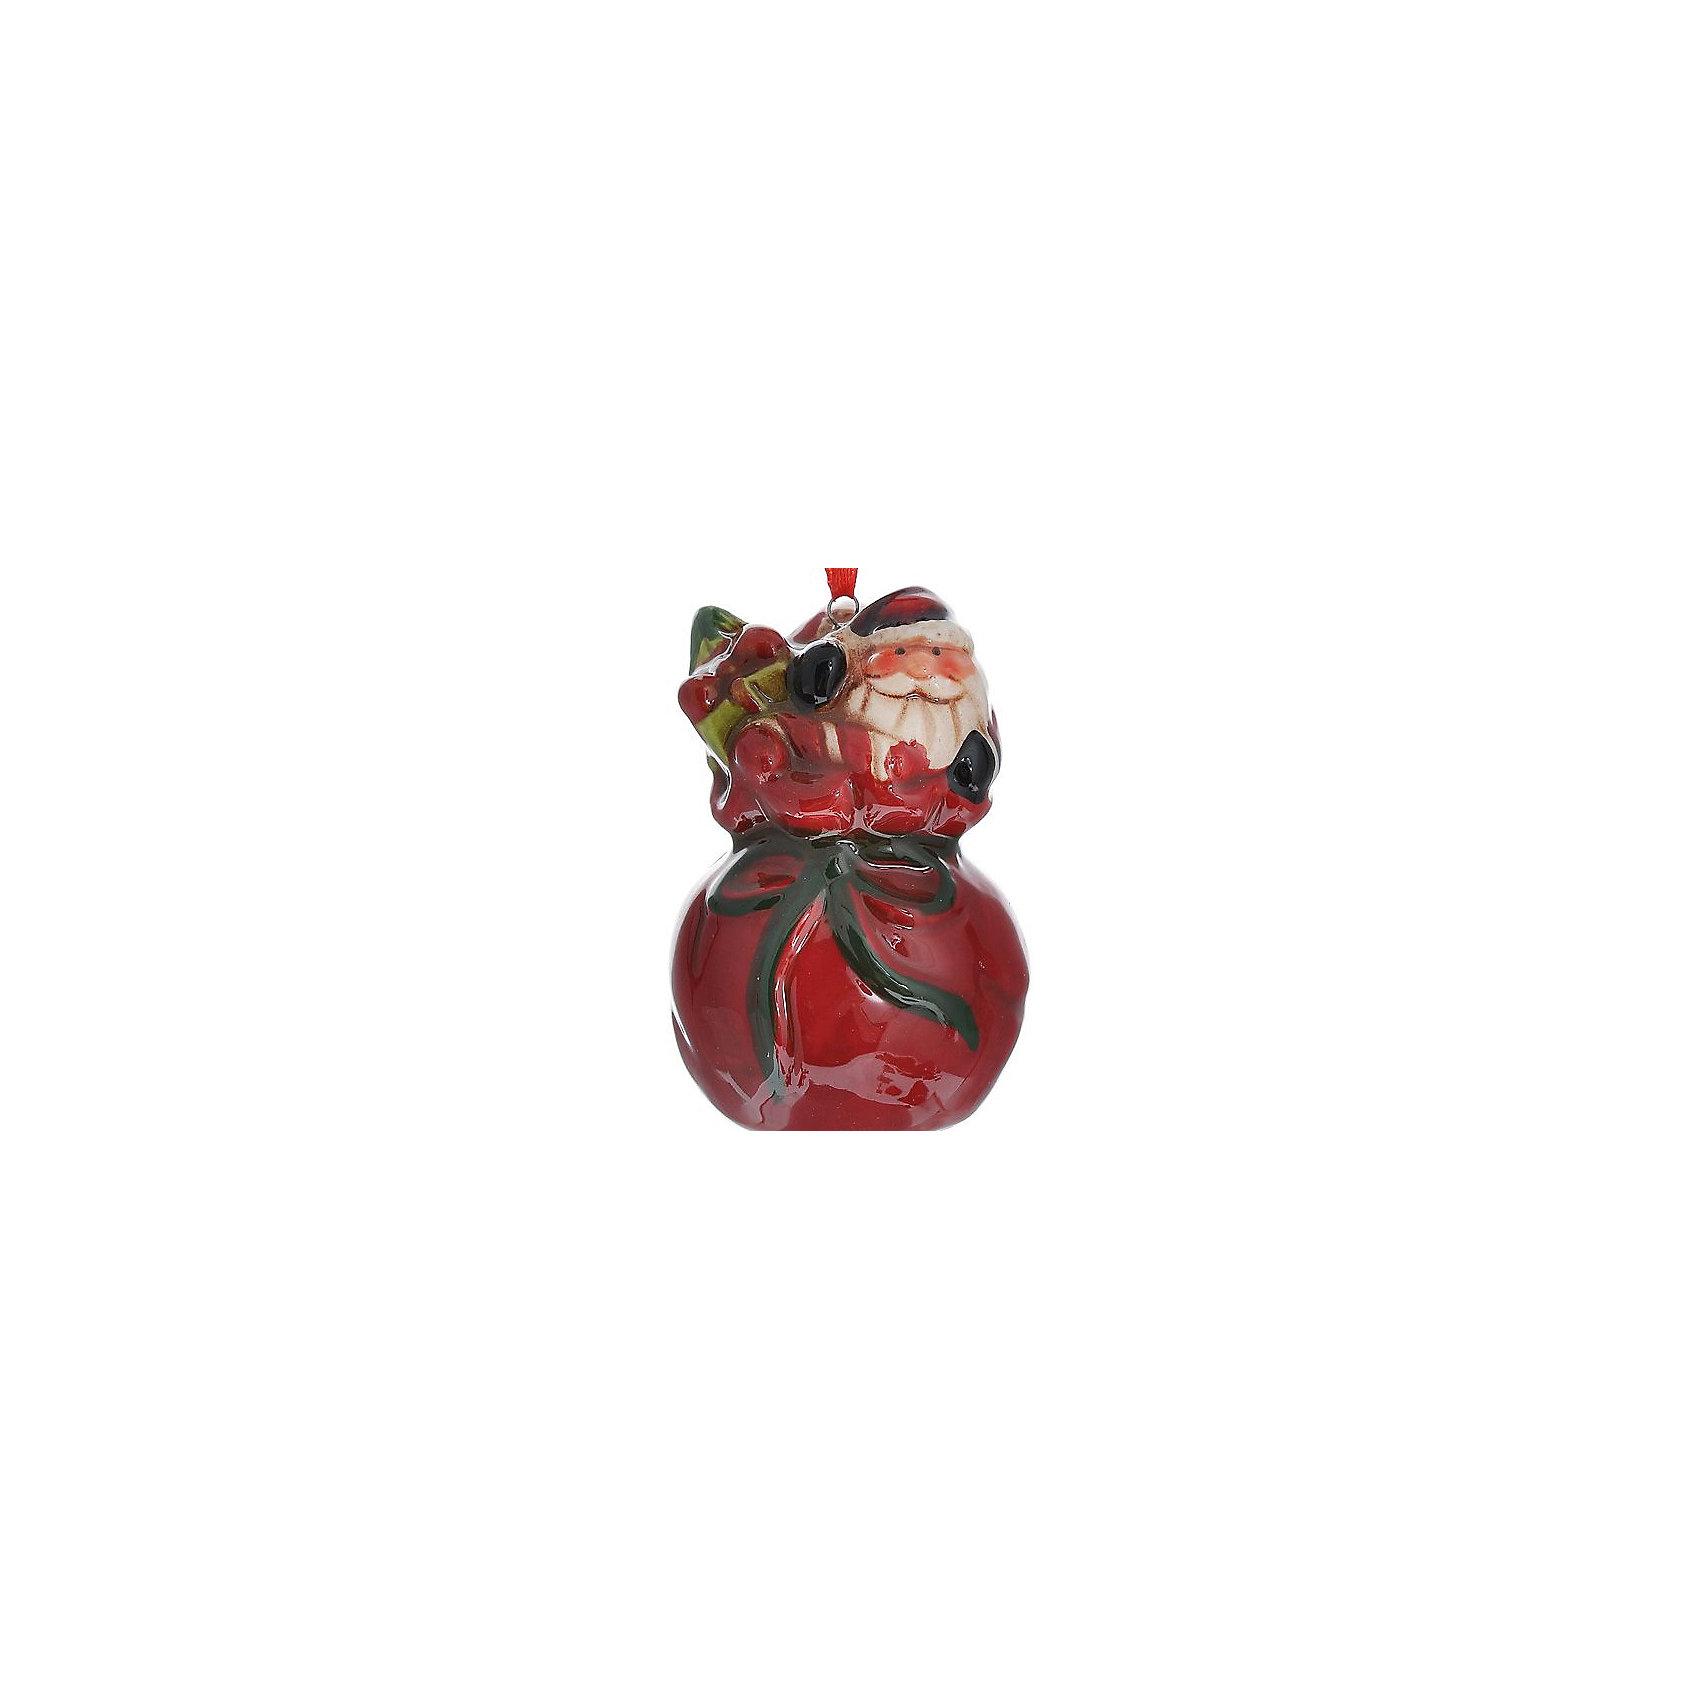 Новогоднее украшение Дед МорозНовинки Новый Год<br>Новогоднее украшение – это декоративное украшение замечательно украсит интерьер.<br>Изящное новогоднее украшение выполнено из керамики и представляет собой подвеску с изображением Деда Мороза в мешке с подарками. С помощью специальной петельки его можно повесить в любом понравившемся вам месте. Но, конечно, удачнее всего такая игрушка будет смотреться на праздничной елке. Новогодние украшения приносят в дом волшебство и ощущение праздника. Создайте в своем доме атмосферу веселья и радости, украшая новогоднюю елку нарядными игрушками, которые будут из года в год накапливать теплоту воспоминаний.<br><br>Дополнительная информация:<br><br>- Размер: 4,3 х 4,3 х 7,1 см.<br>- Материал: керамика<br><br>Новогоднее украшение принесет в ваш дом ни с чем несравнимое ощущение волшебства!<br><br>Новогоднее украшение можно купить в нашем интернет-магазине.<br><br>Ширина мм: 55<br>Глубина мм: 55<br>Высота мм: 81<br>Вес г: 104<br>Возраст от месяцев: 36<br>Возраст до месяцев: 2147483647<br>Пол: Унисекс<br>Возраст: Детский<br>SKU: 4276461